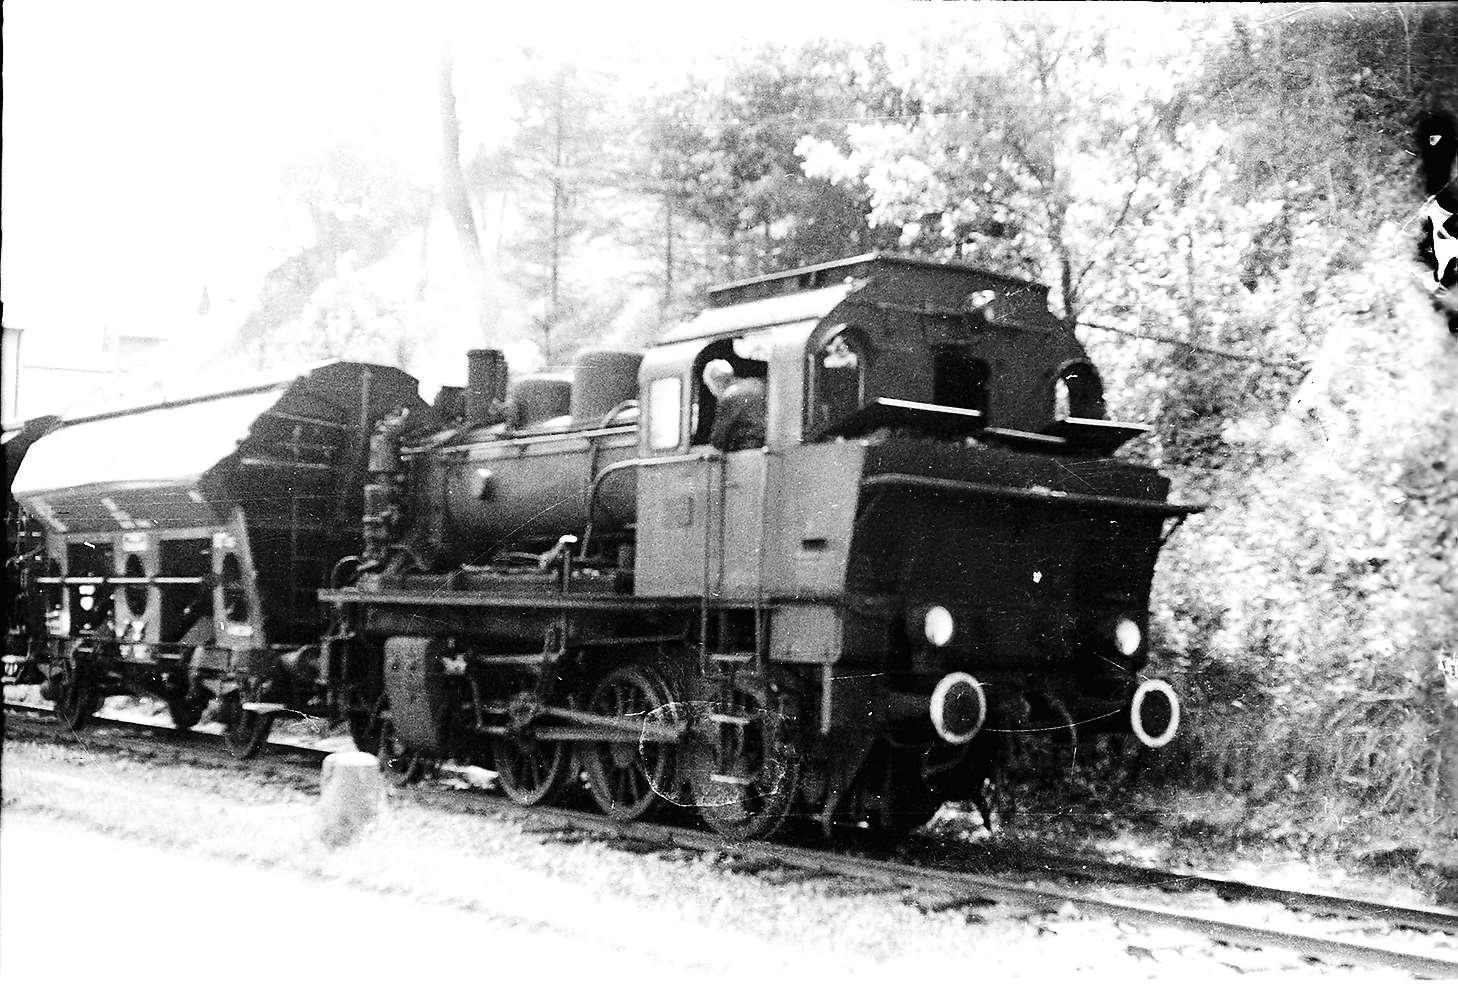 Lok 141, Rangieren Bahnhof Stetten bei Haigerloch, Bild 1